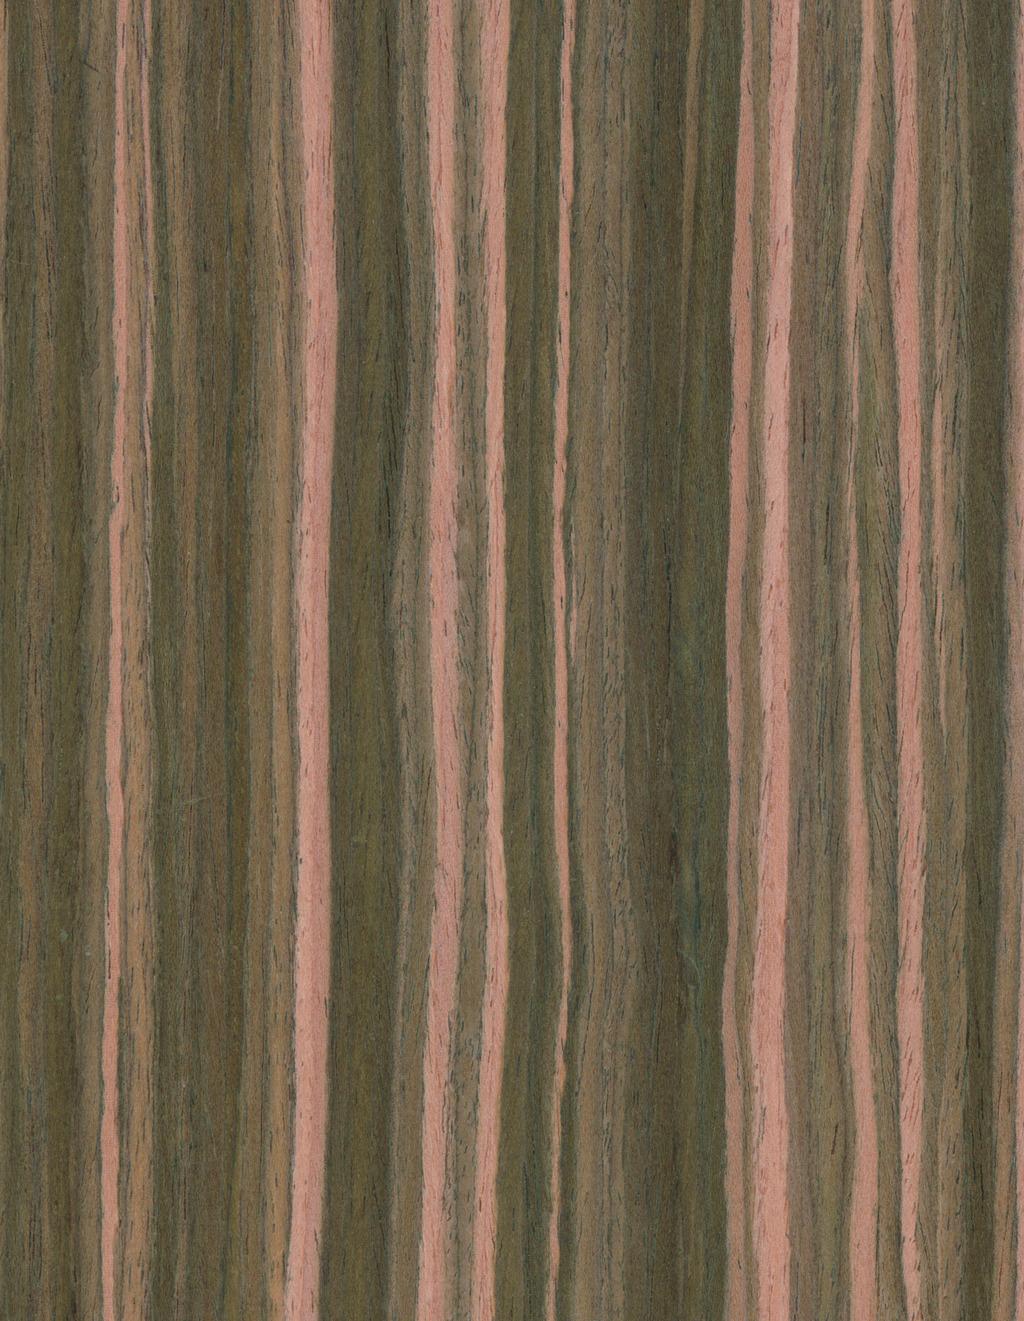 黑檀木纹贴图模板下载(图片编号:12308533)